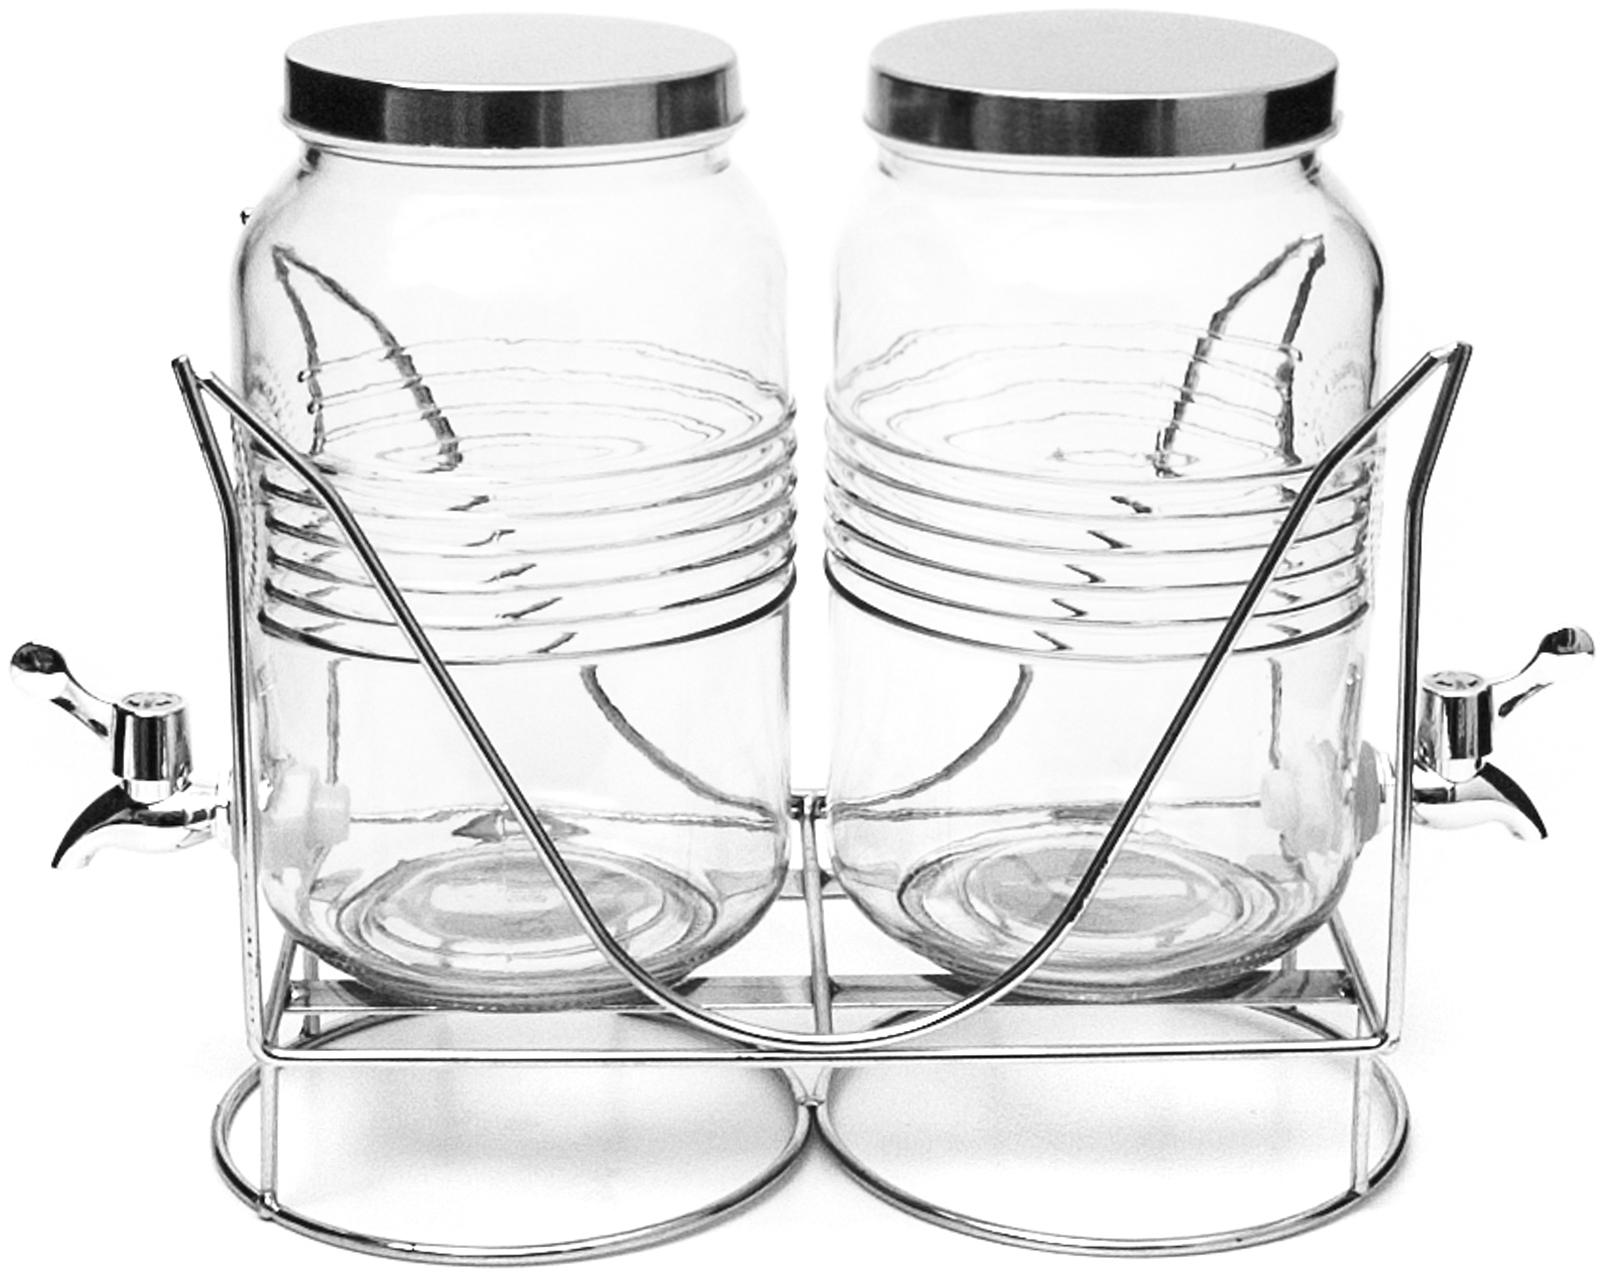 Набор лимонадниц Banquet Crystal, на подставке, 3 л, 2 штKE213090Набор из 2-х лимонадниц обьемом 3л на металлической подставке – оригинальное и практичное решение для подачи различных напитков. Этот предмет сервировки представляет собой стеклянную емкость большого объема с широким горлышком и крышкой на металлической,стильной подставке. В ее нижней части предусмотрен металлический краник-дозатор, с помощью которого очень удобно наполнять фужеры или стаканы. В лимонадник можно наливать соки, холодный чай, компот, лимонад, слабоалкогольные коктейли, пунш, глинтвейн, грог, но температура напитков не должна превышать 50 градусов. Он будет эффектным и модным дополнением сервировки стола как дома, так и на мероприятии.